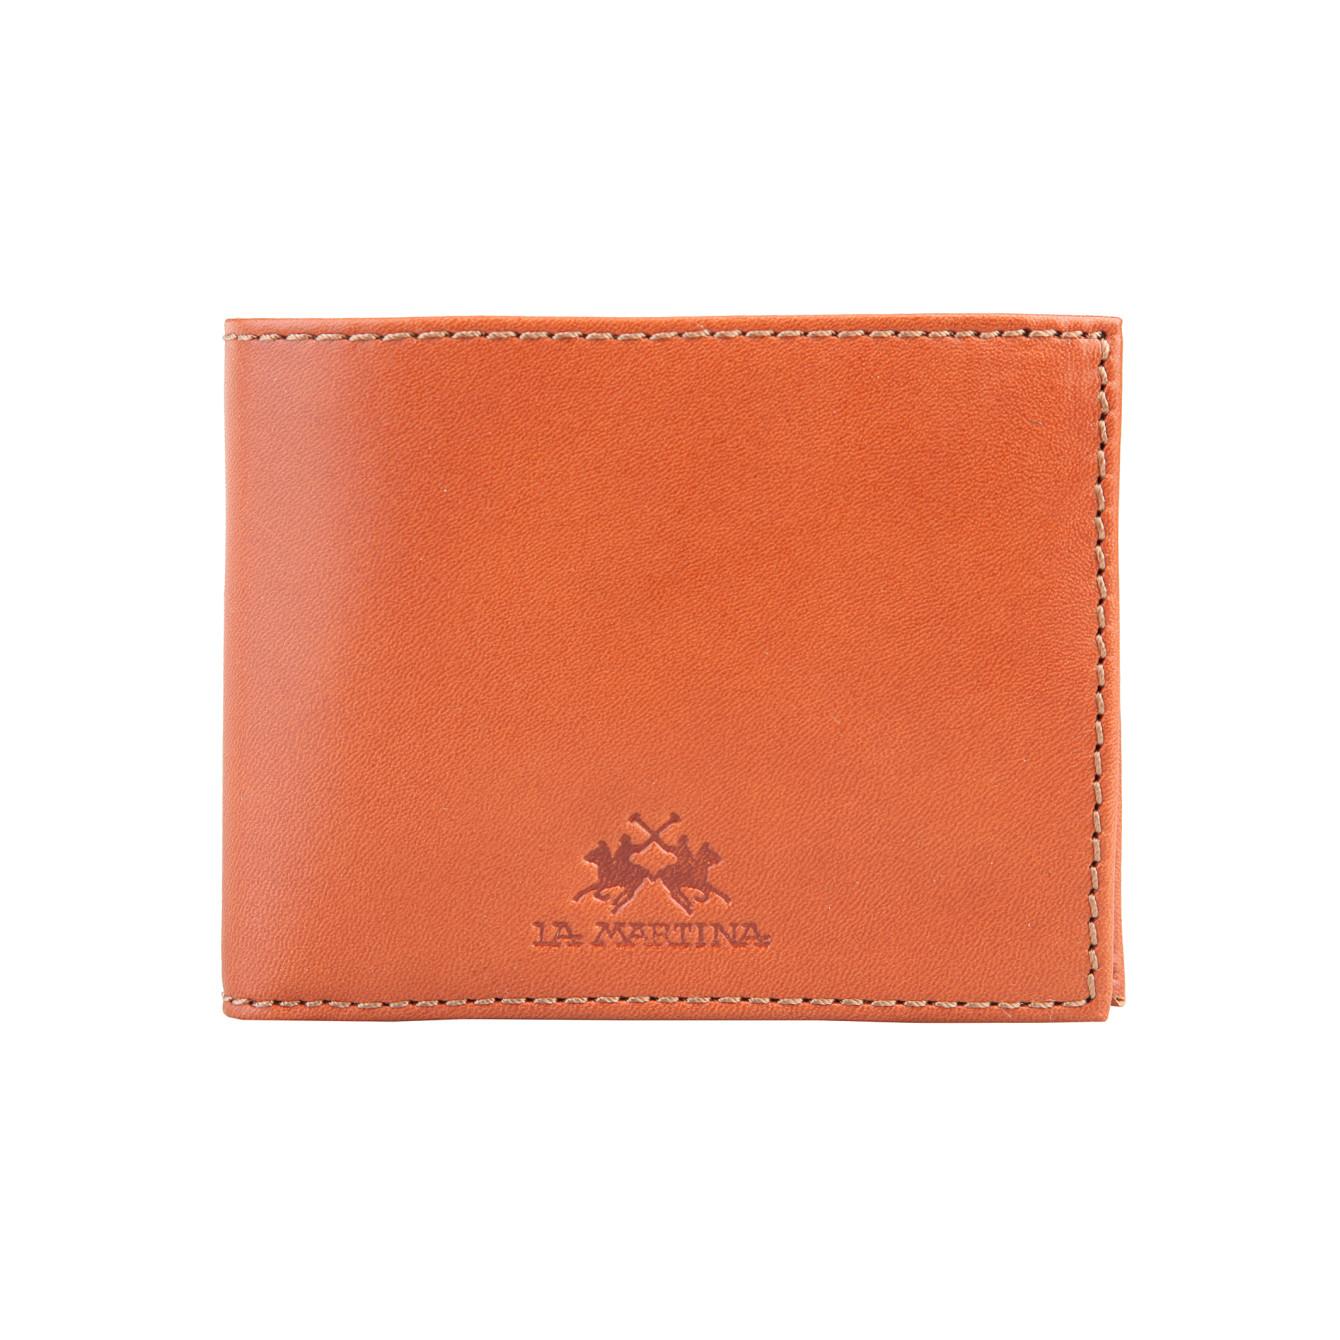 La Martina Pánská kožená peněženka - světle hnědá